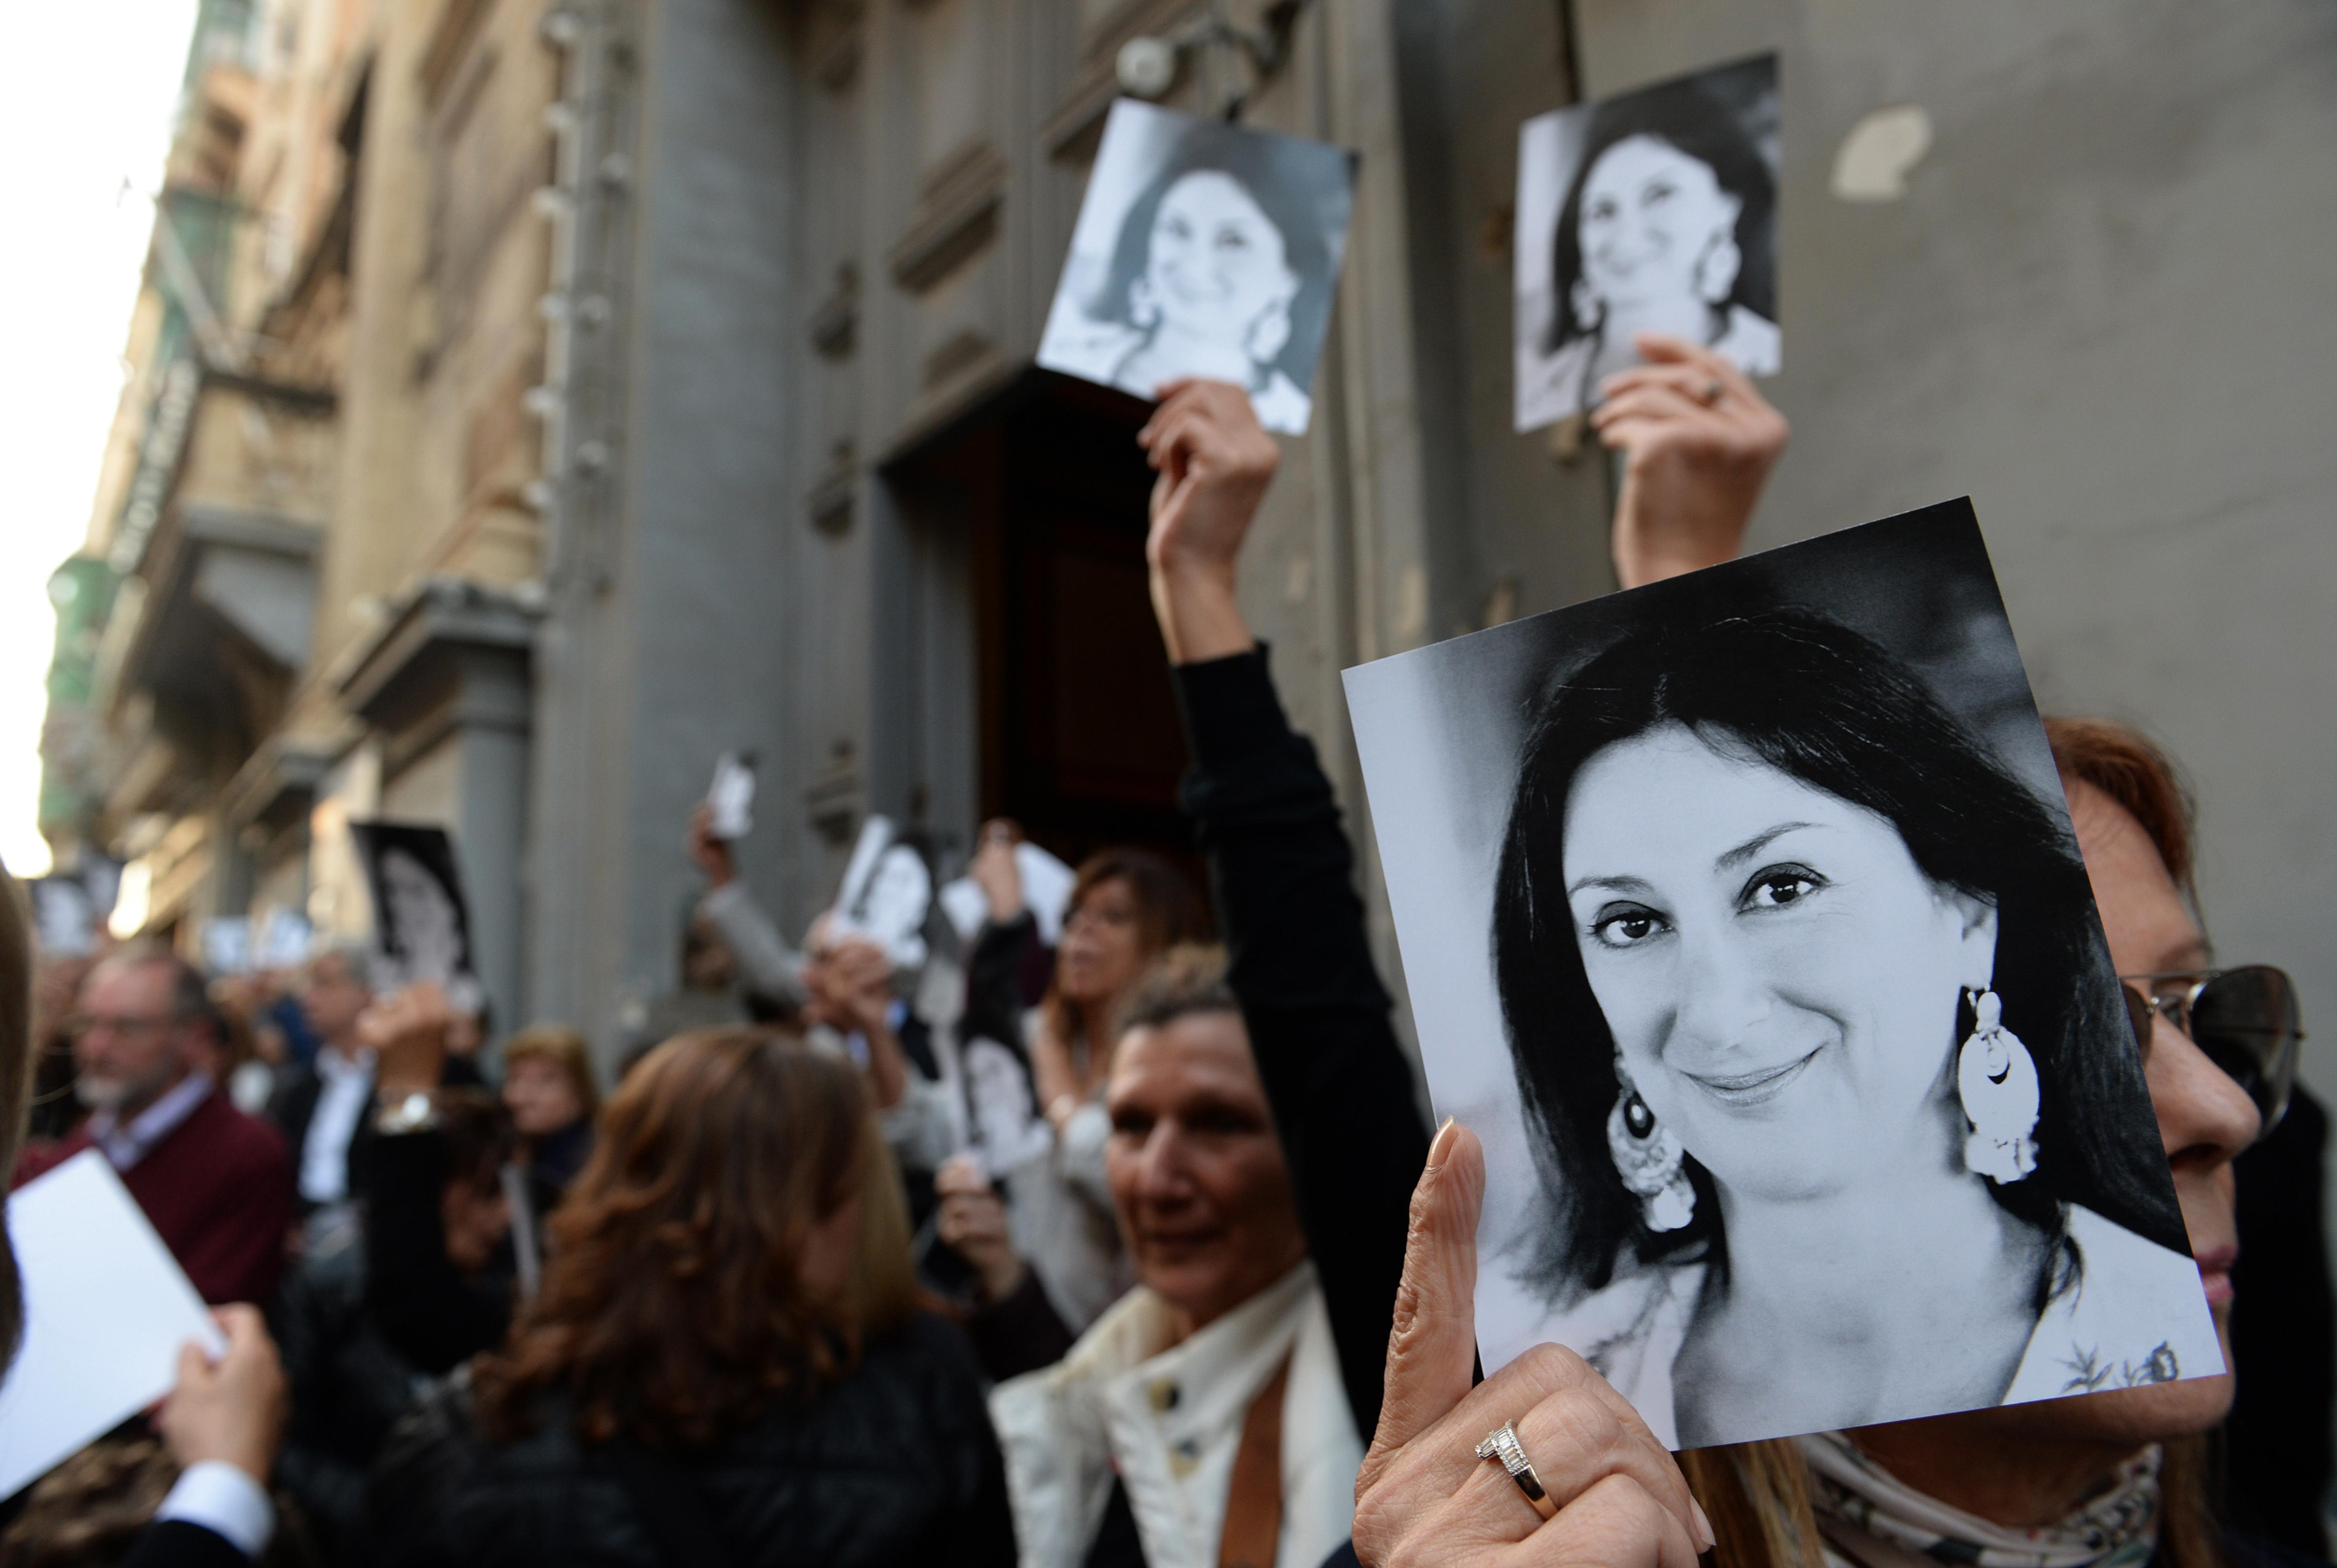 Az egyik bérgyilkos bevallotta, hogyan tervelték ki és hajtották végre a máltai újságíró, Daphne Caruana Galizia elleni bombamerényletet